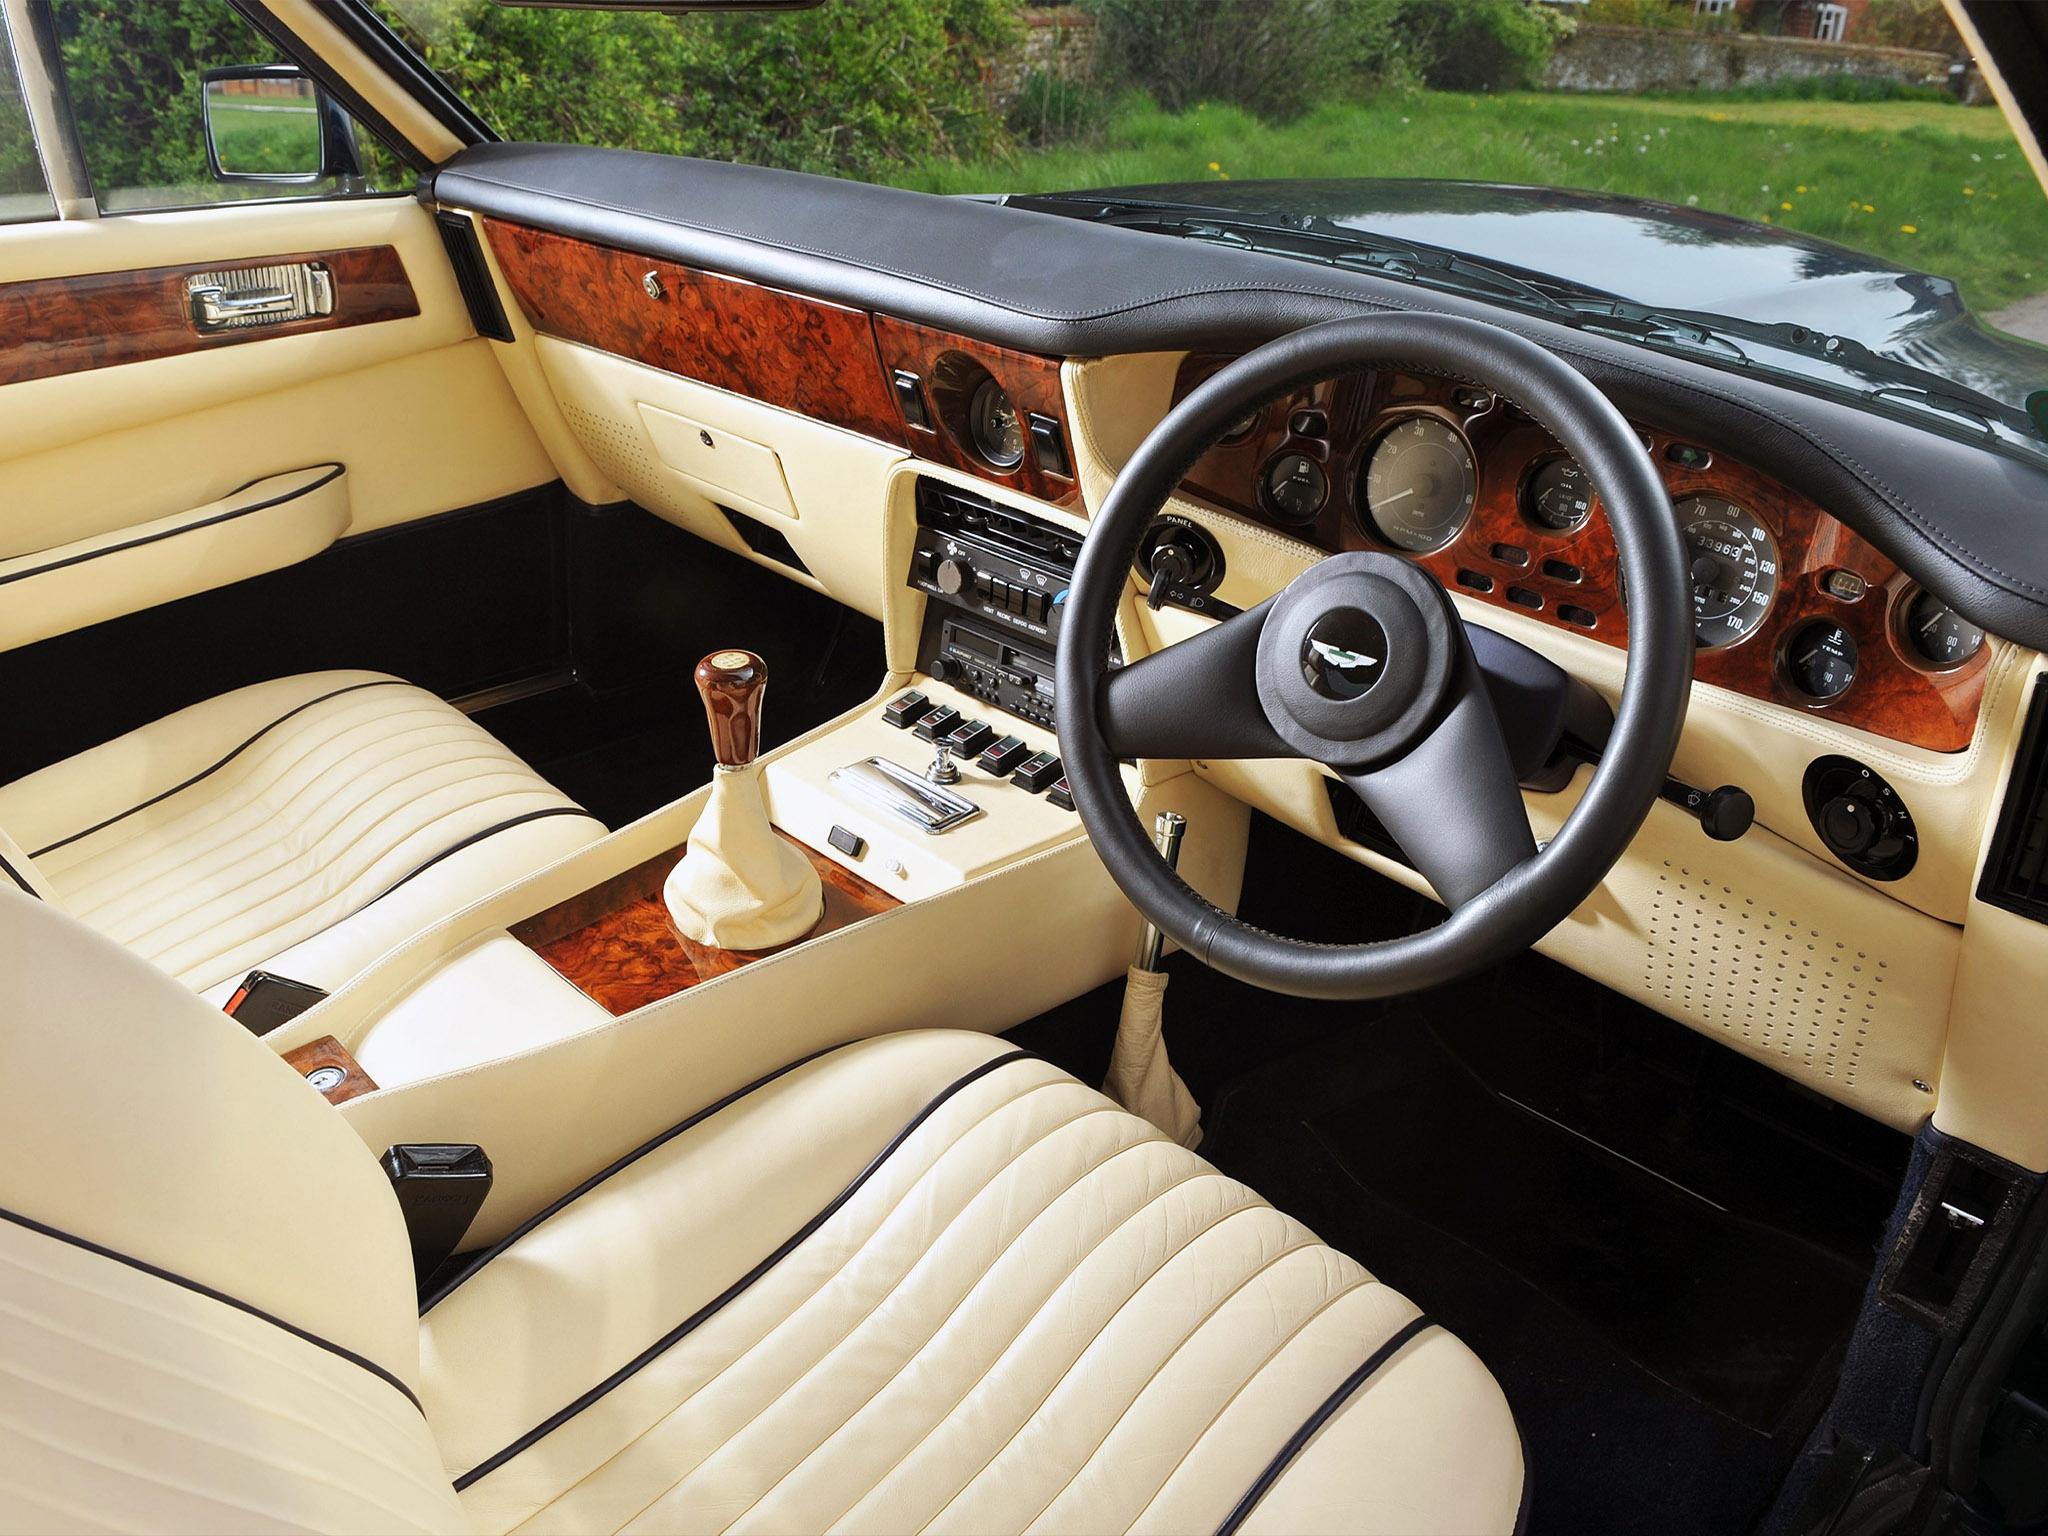 Den gräddiga, handsydda interiören i en V8 Vantage från 1989. De polerade valnötspanelerna infördes vid ett facelift 1978 för att locka fler kunder.